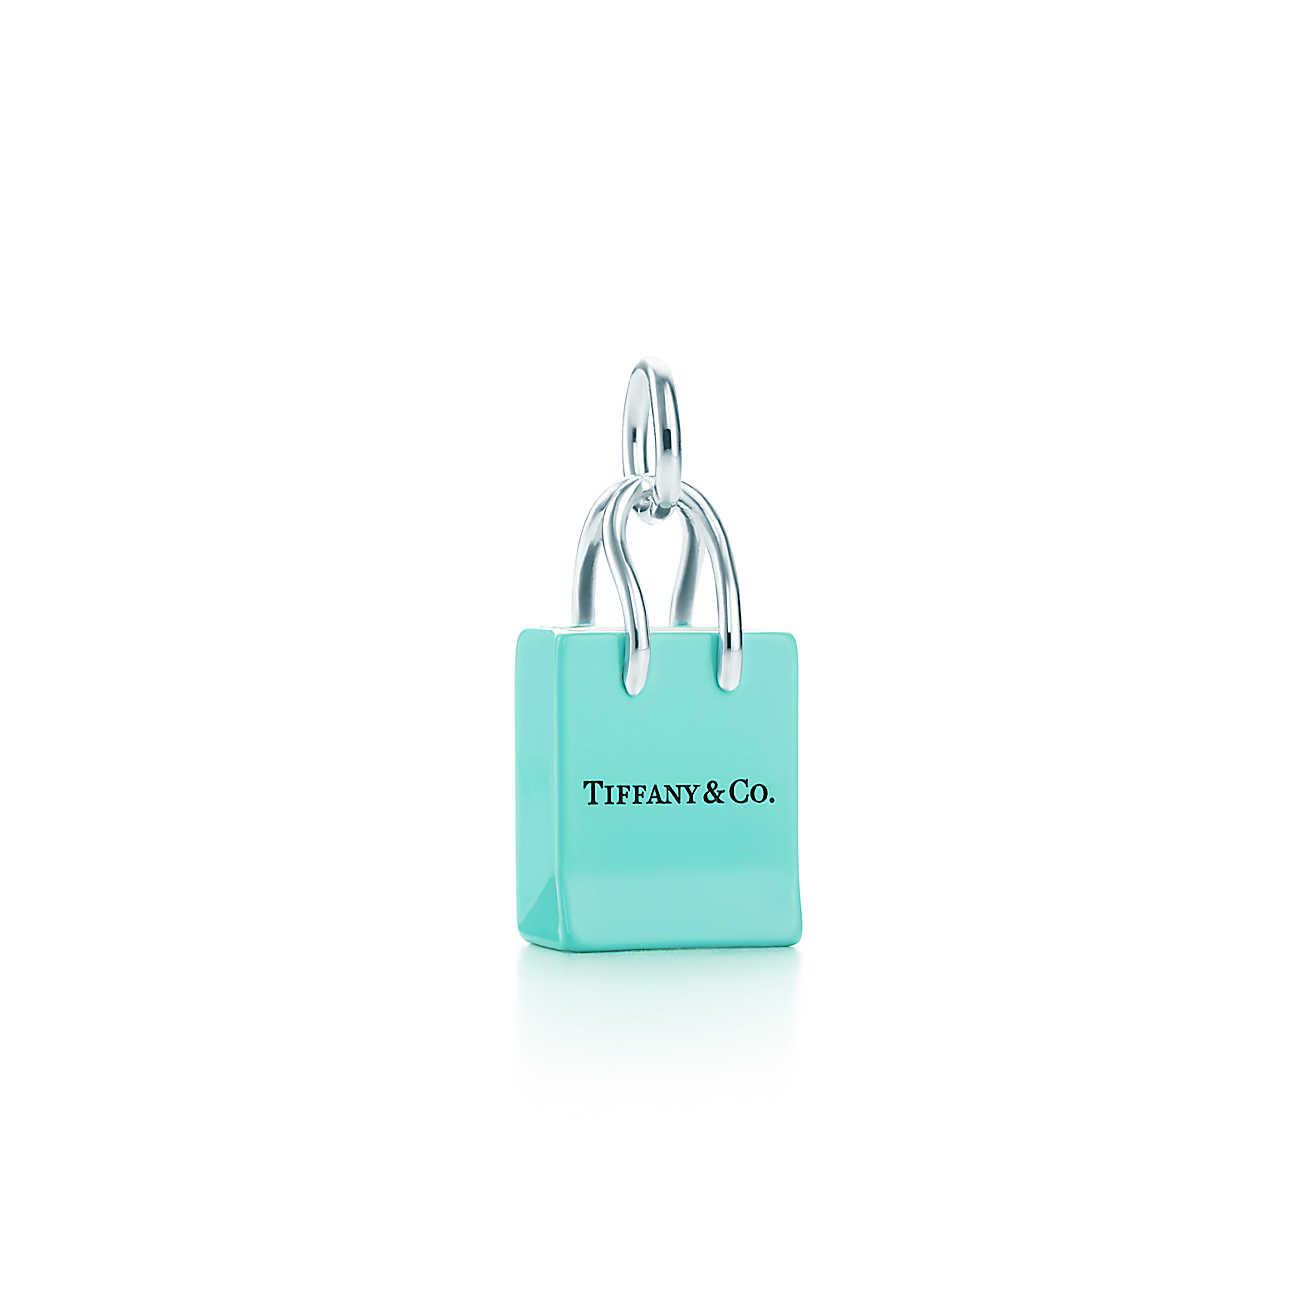 Tiffany & Co.® Shopping Bag Charm.